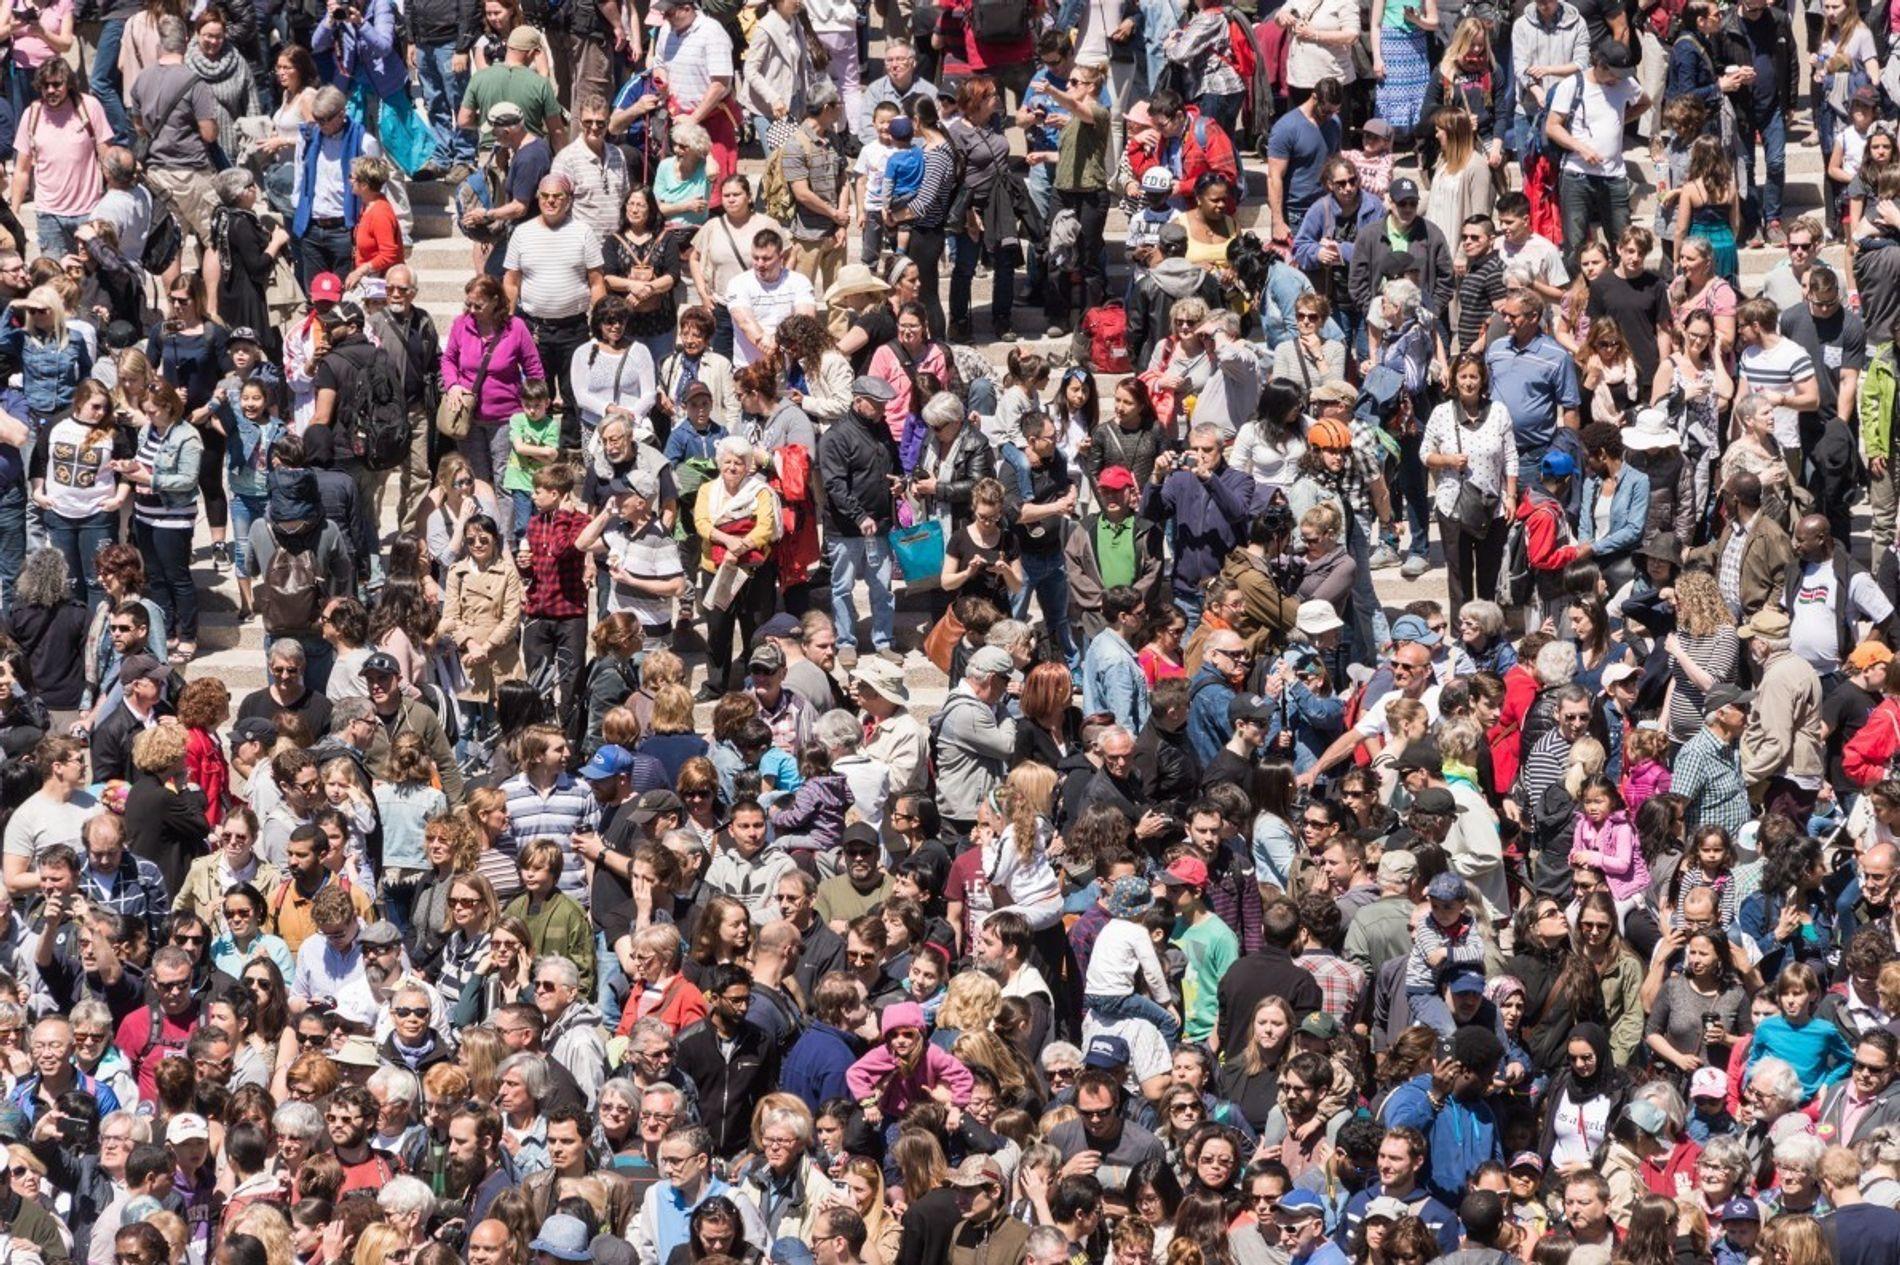 Les changements démographiques à venir devraient entraîner d'importants flux migratoires, inévitables et nécessaires au renouvellement d'une ...